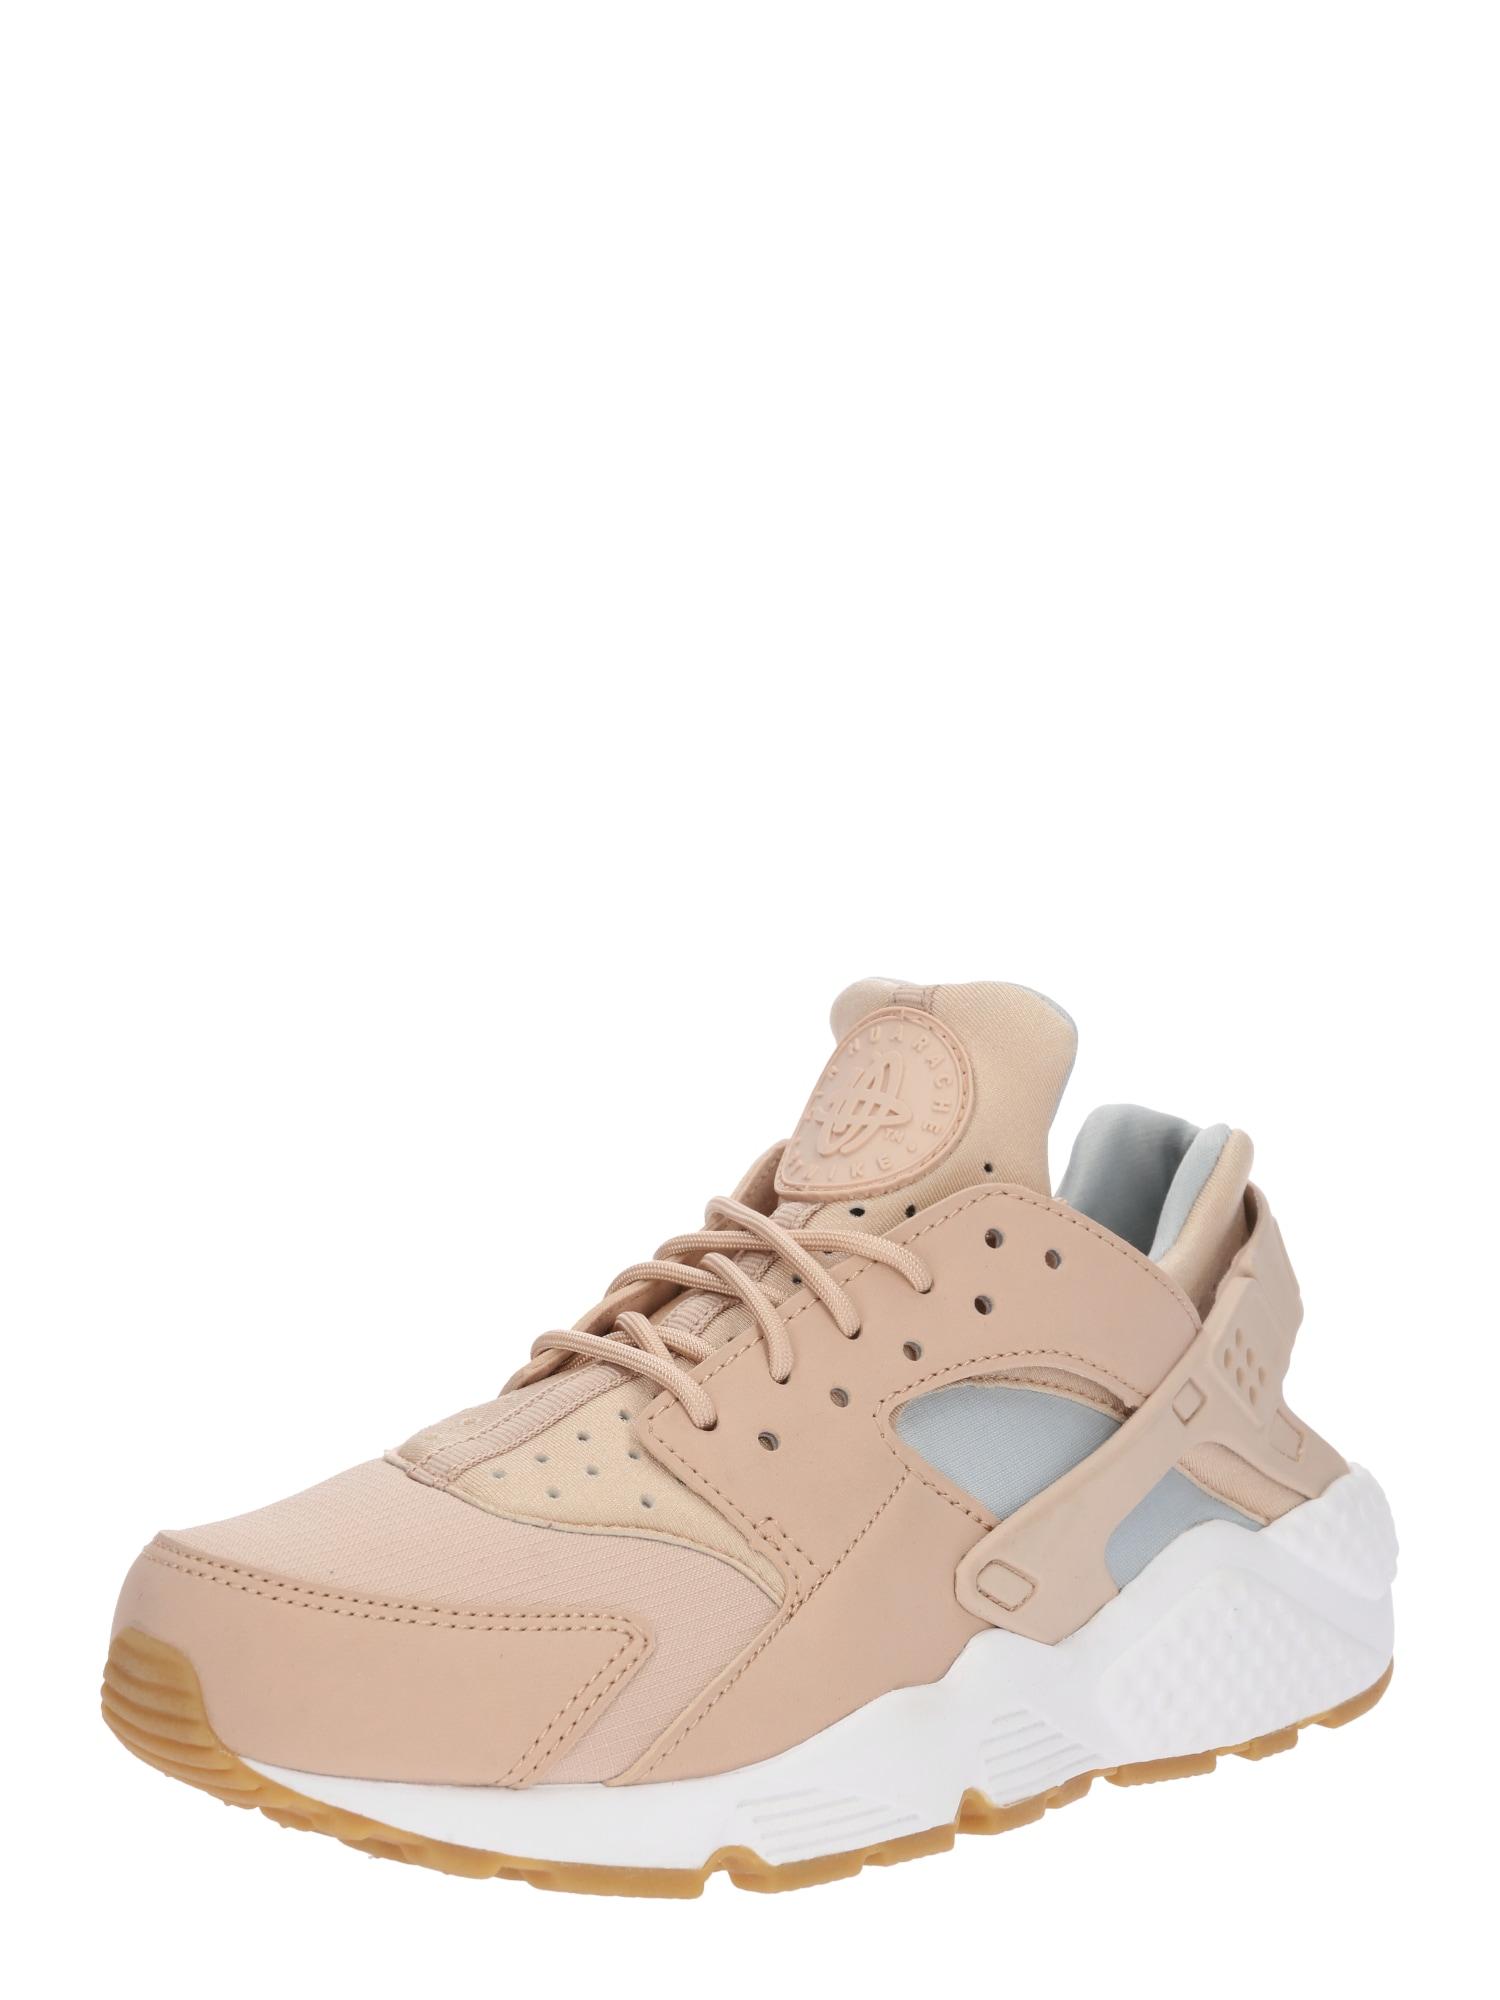 Nike Sportswear, Dames Sneakers laag 'Air Huarache Run', lichtbruin / grijs / poederroze